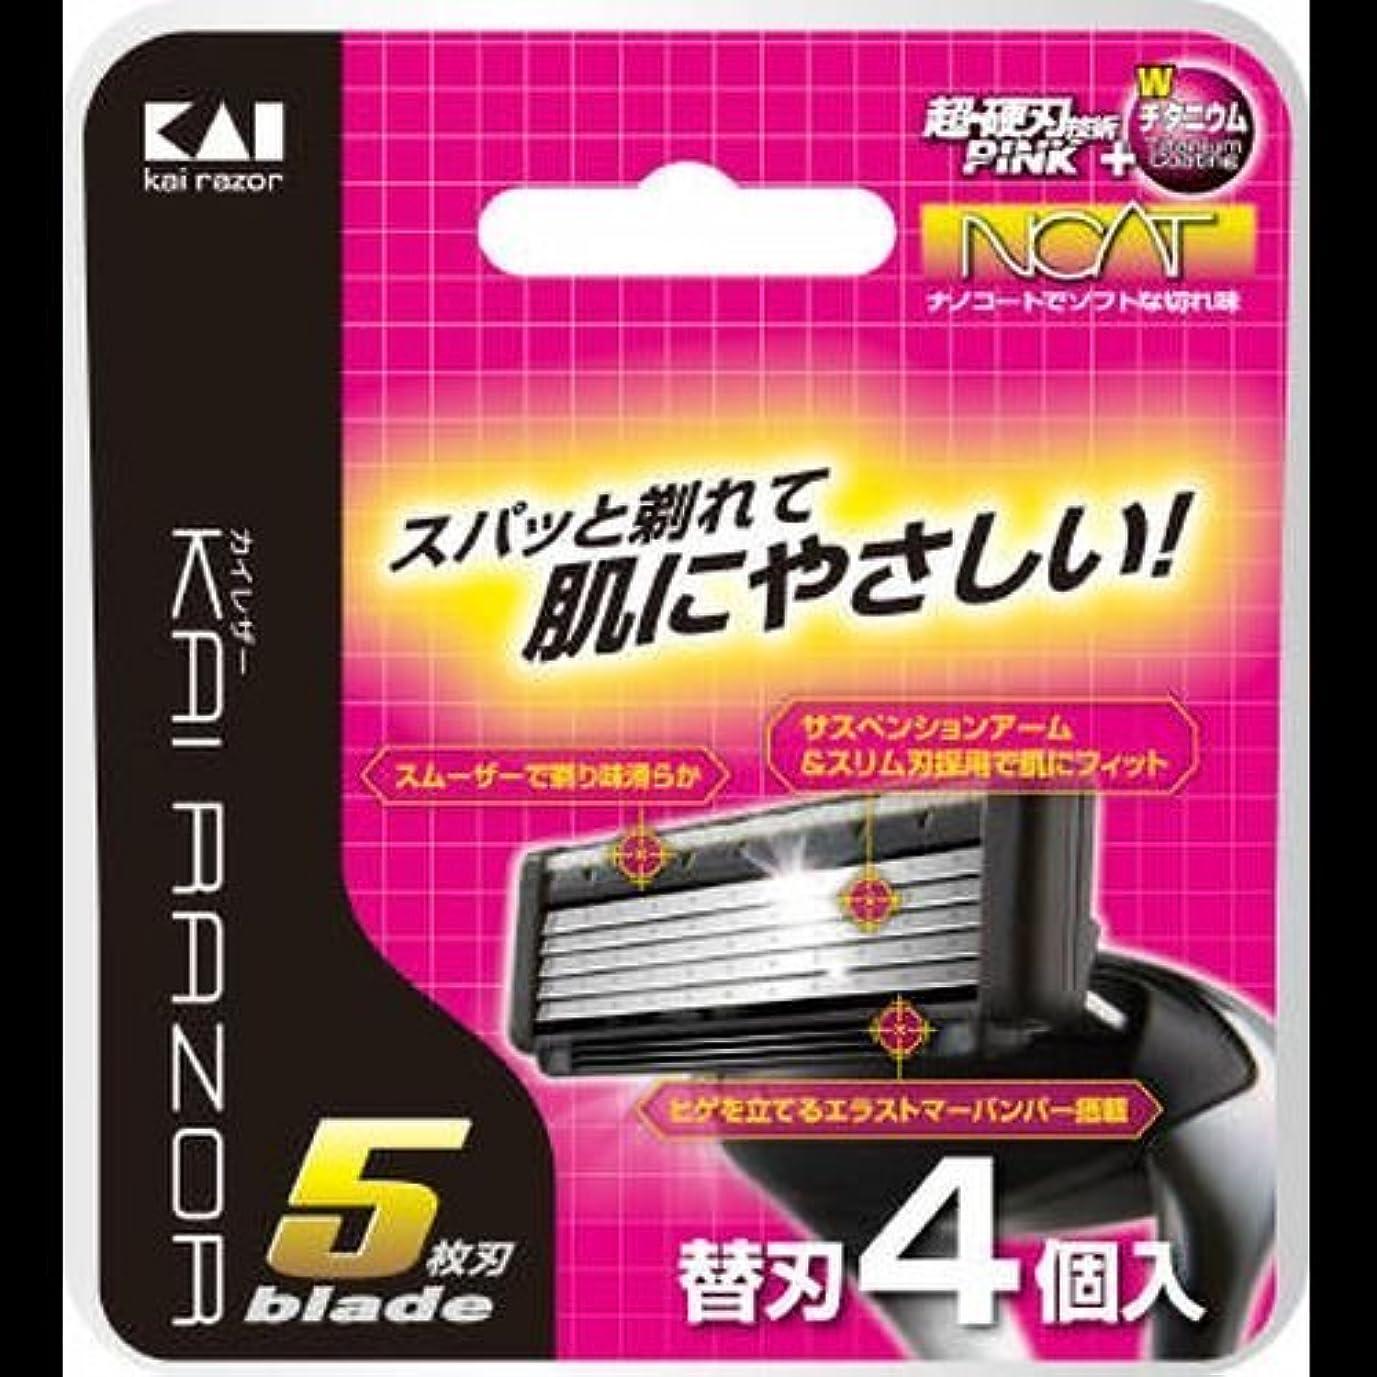 ラッチ北東ストローク【まとめ買い】KAI RAZOR 5枚刃替刃4個入 ×2セット